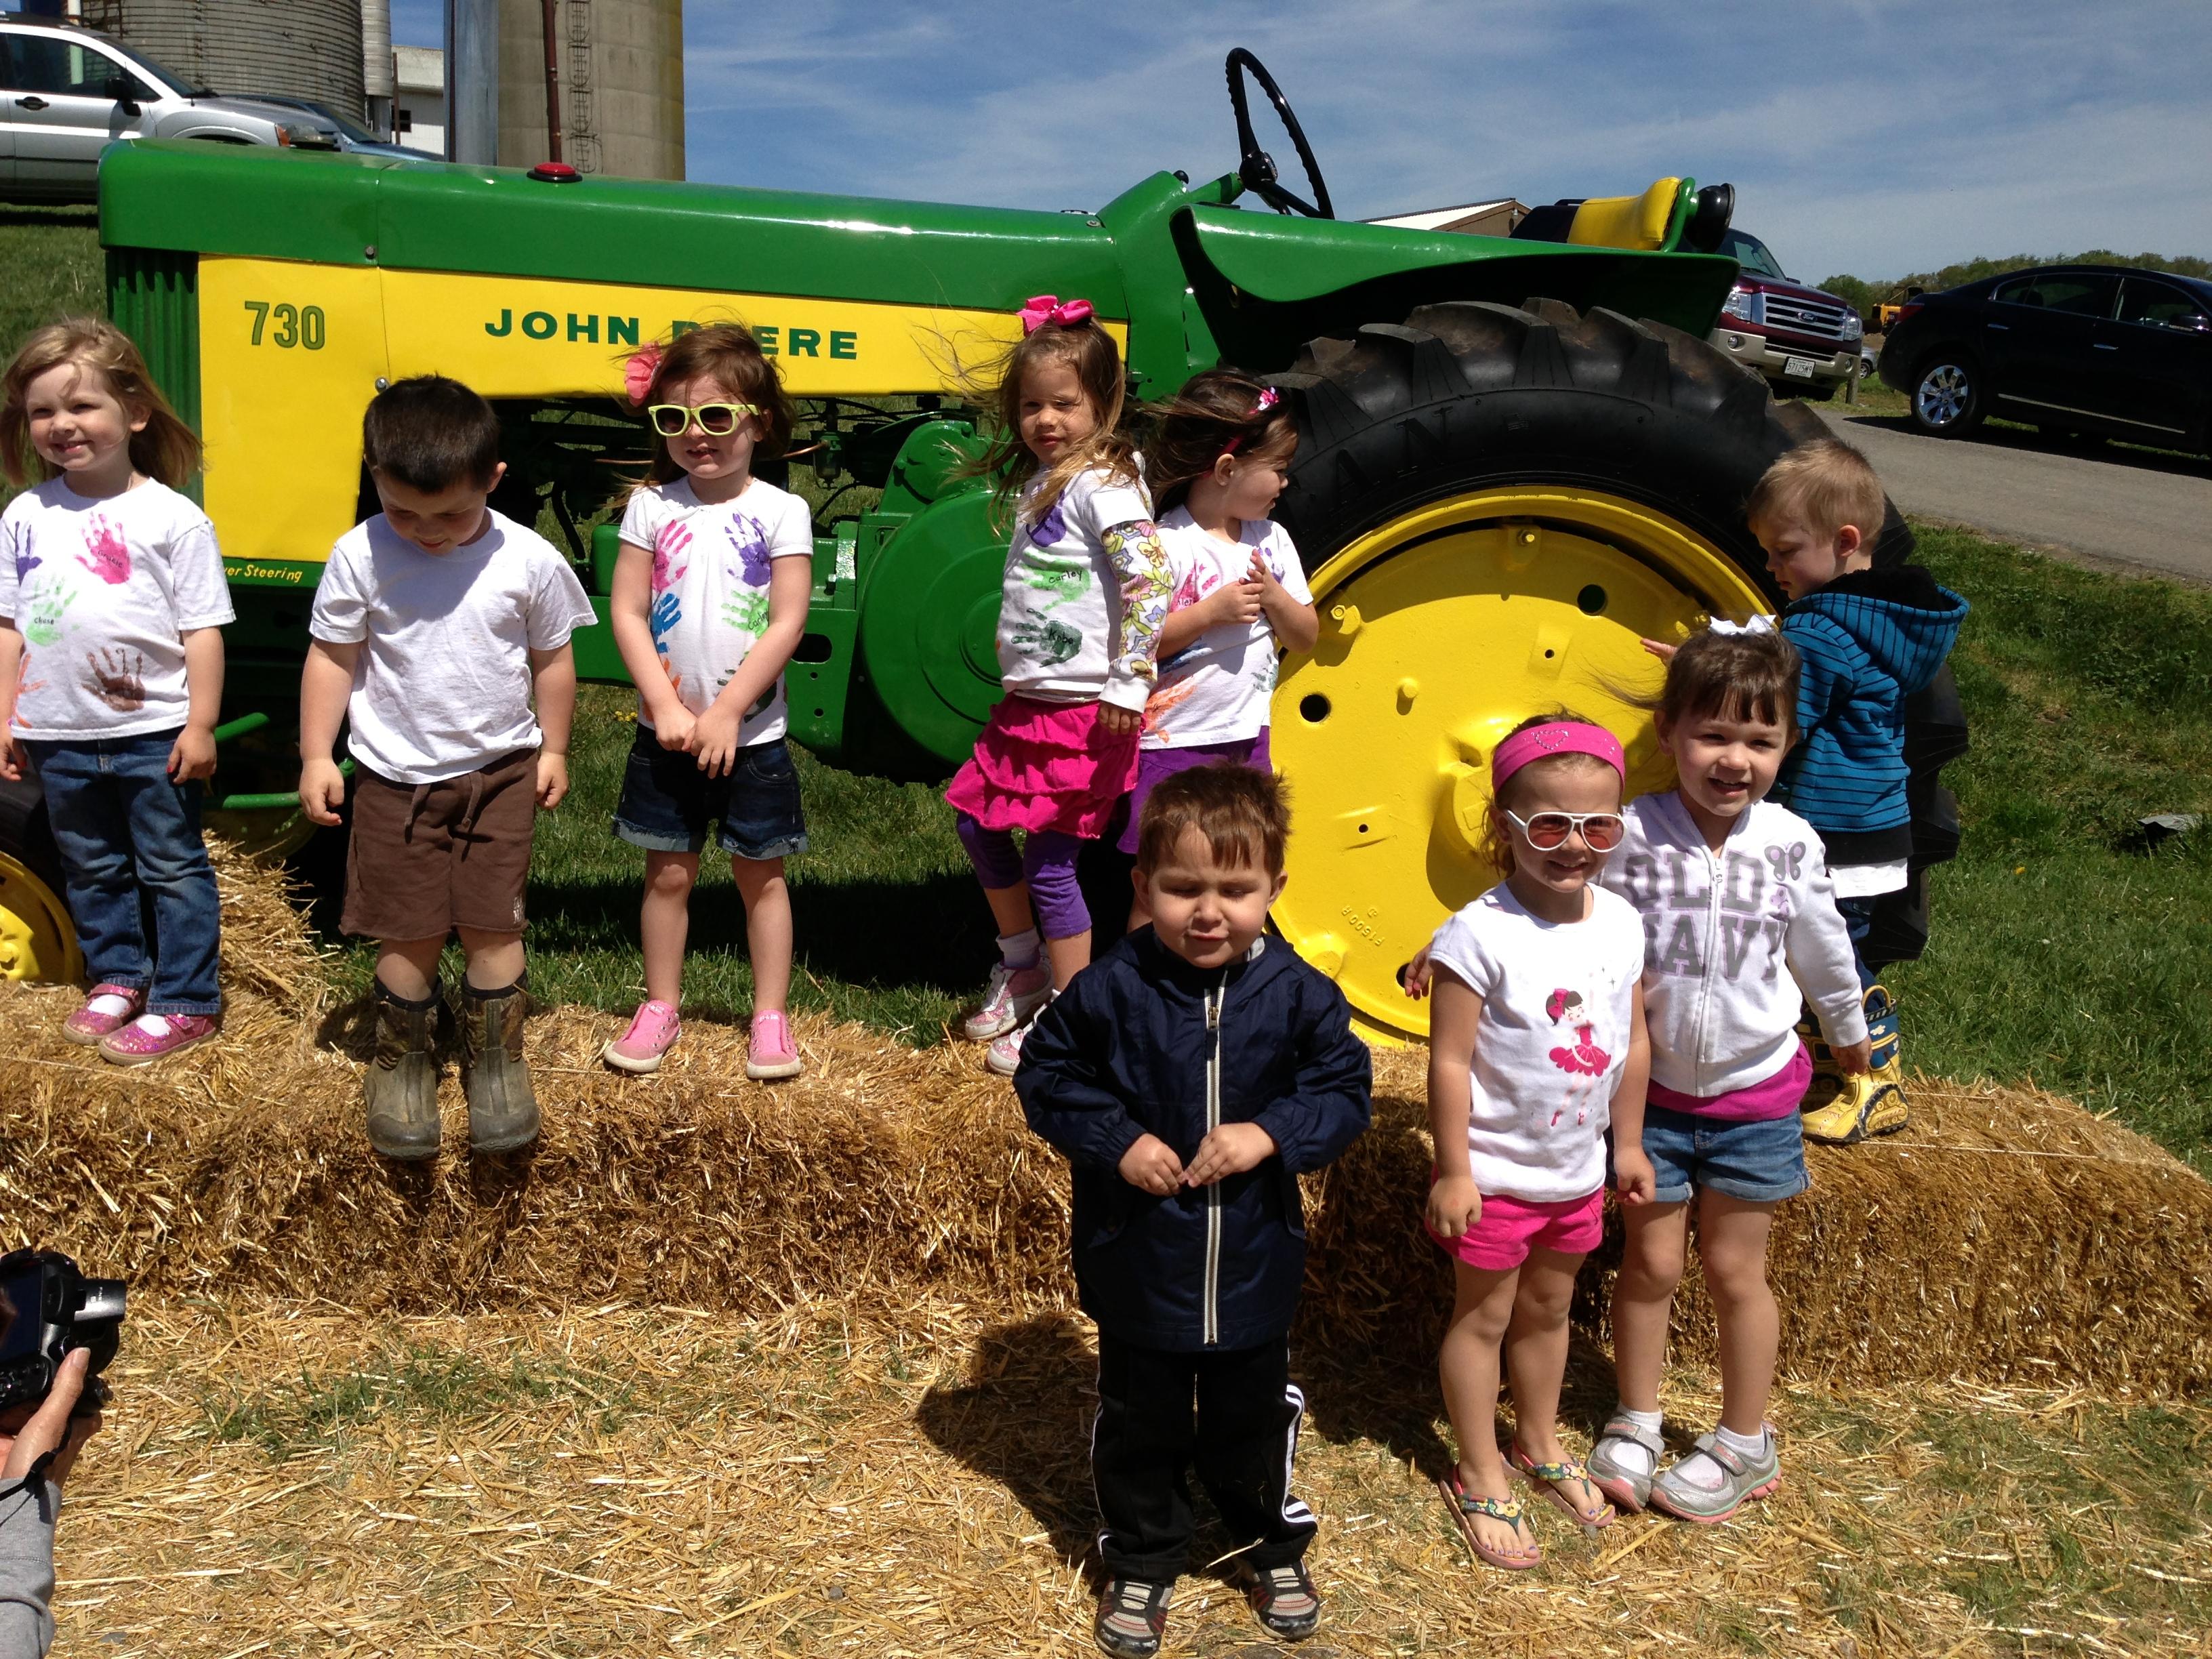 2013-05-03 11.39.38 - K3 WVU Farm Field Trip